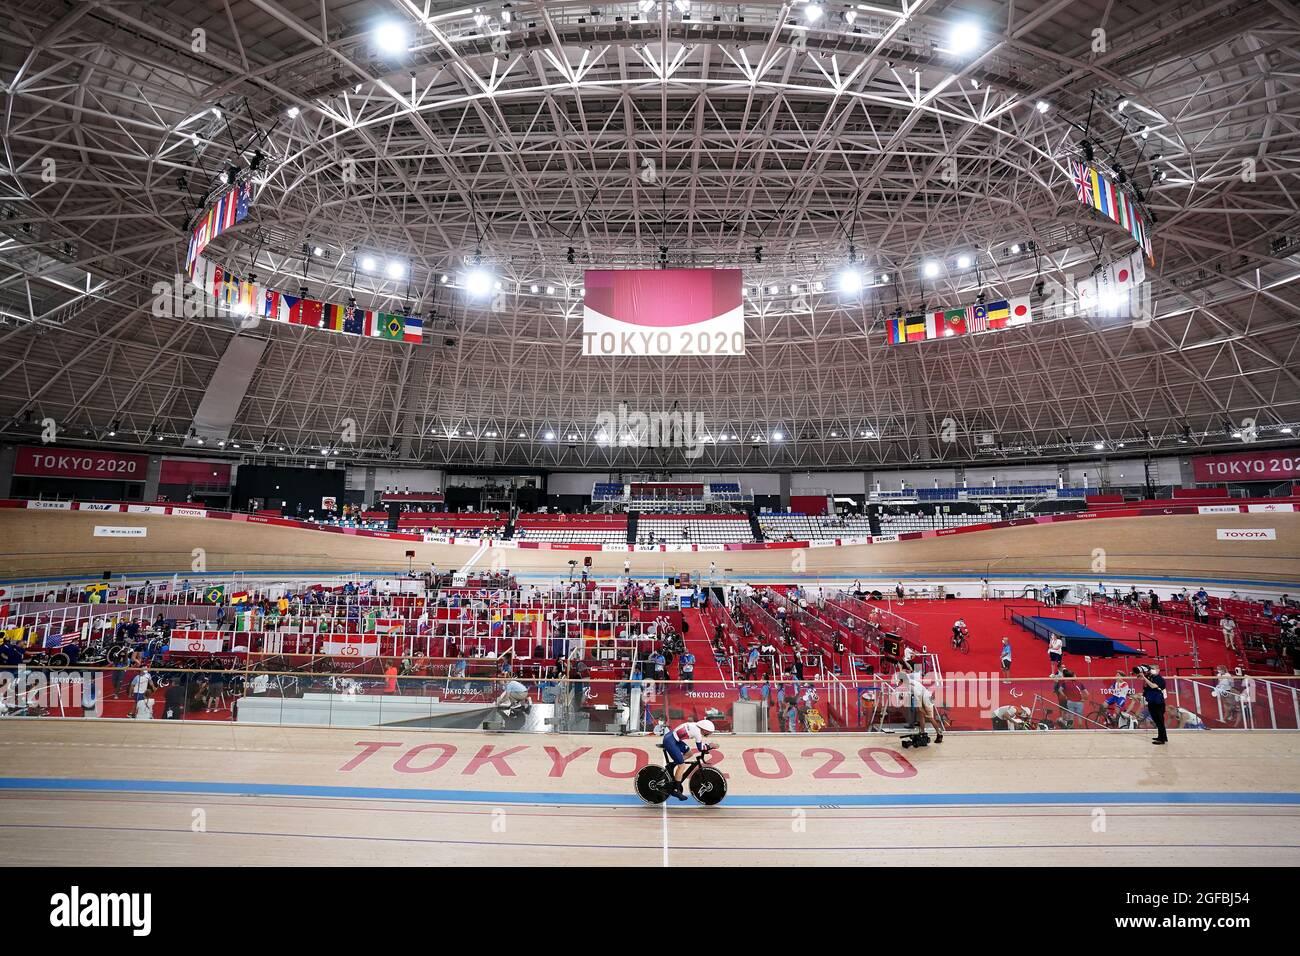 La storia di Dame Sarah della Gran Bretagna in azione nella qualificazione femminile C5 3000m Pursuit individuale durante la pista ciclistica al Velodrome di Izu il giorno uno dei Giochi Paralimpici di Tokyo 2020 in Giappone. Data foto: Mercoledì 25 agosto 2021. Foto Stock